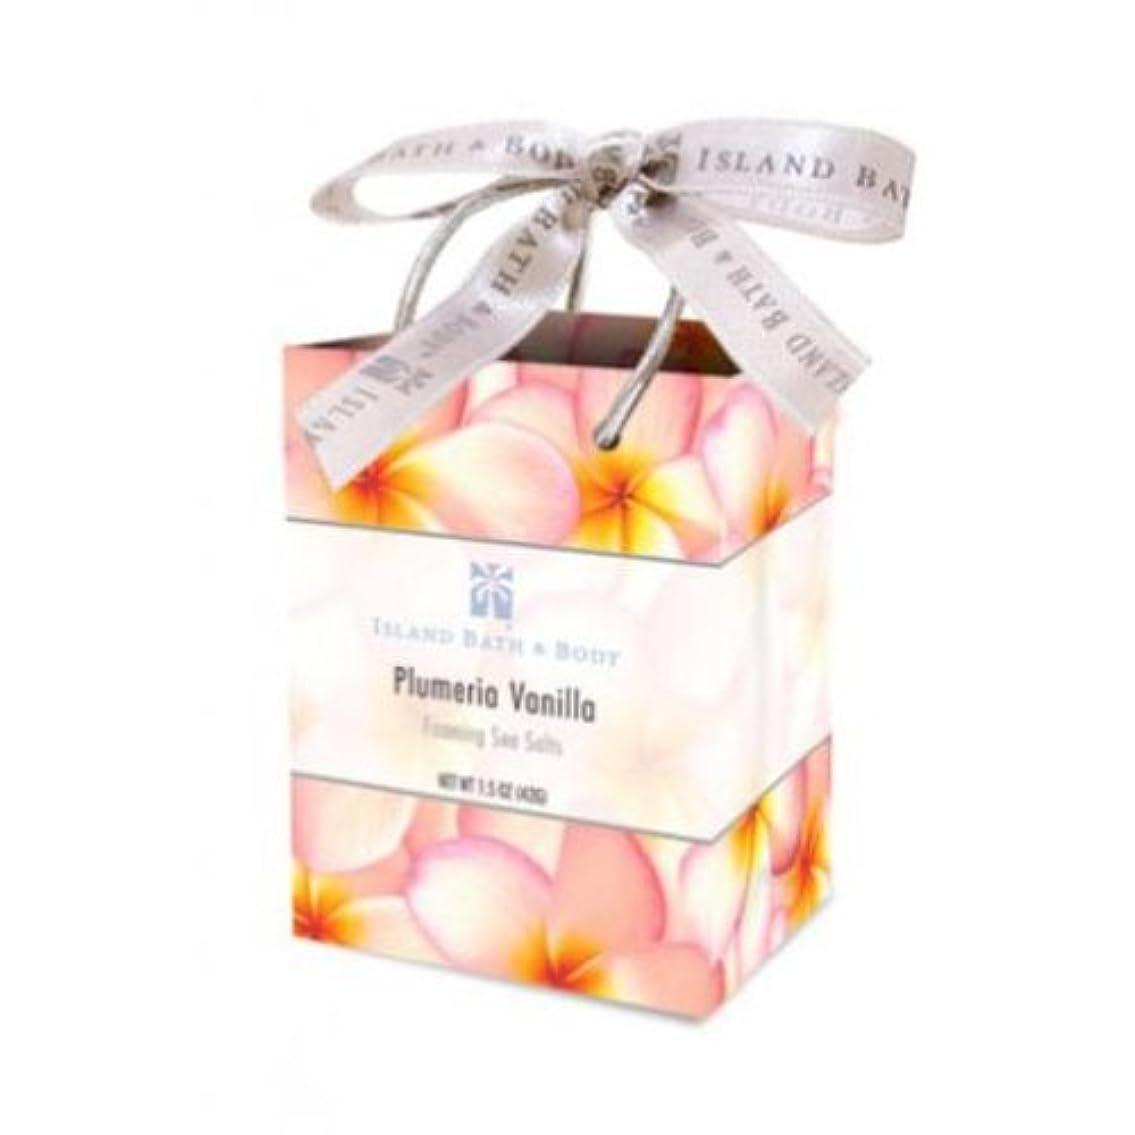 密輸謝るチートミネラルソルト/Plumeria Vanilla